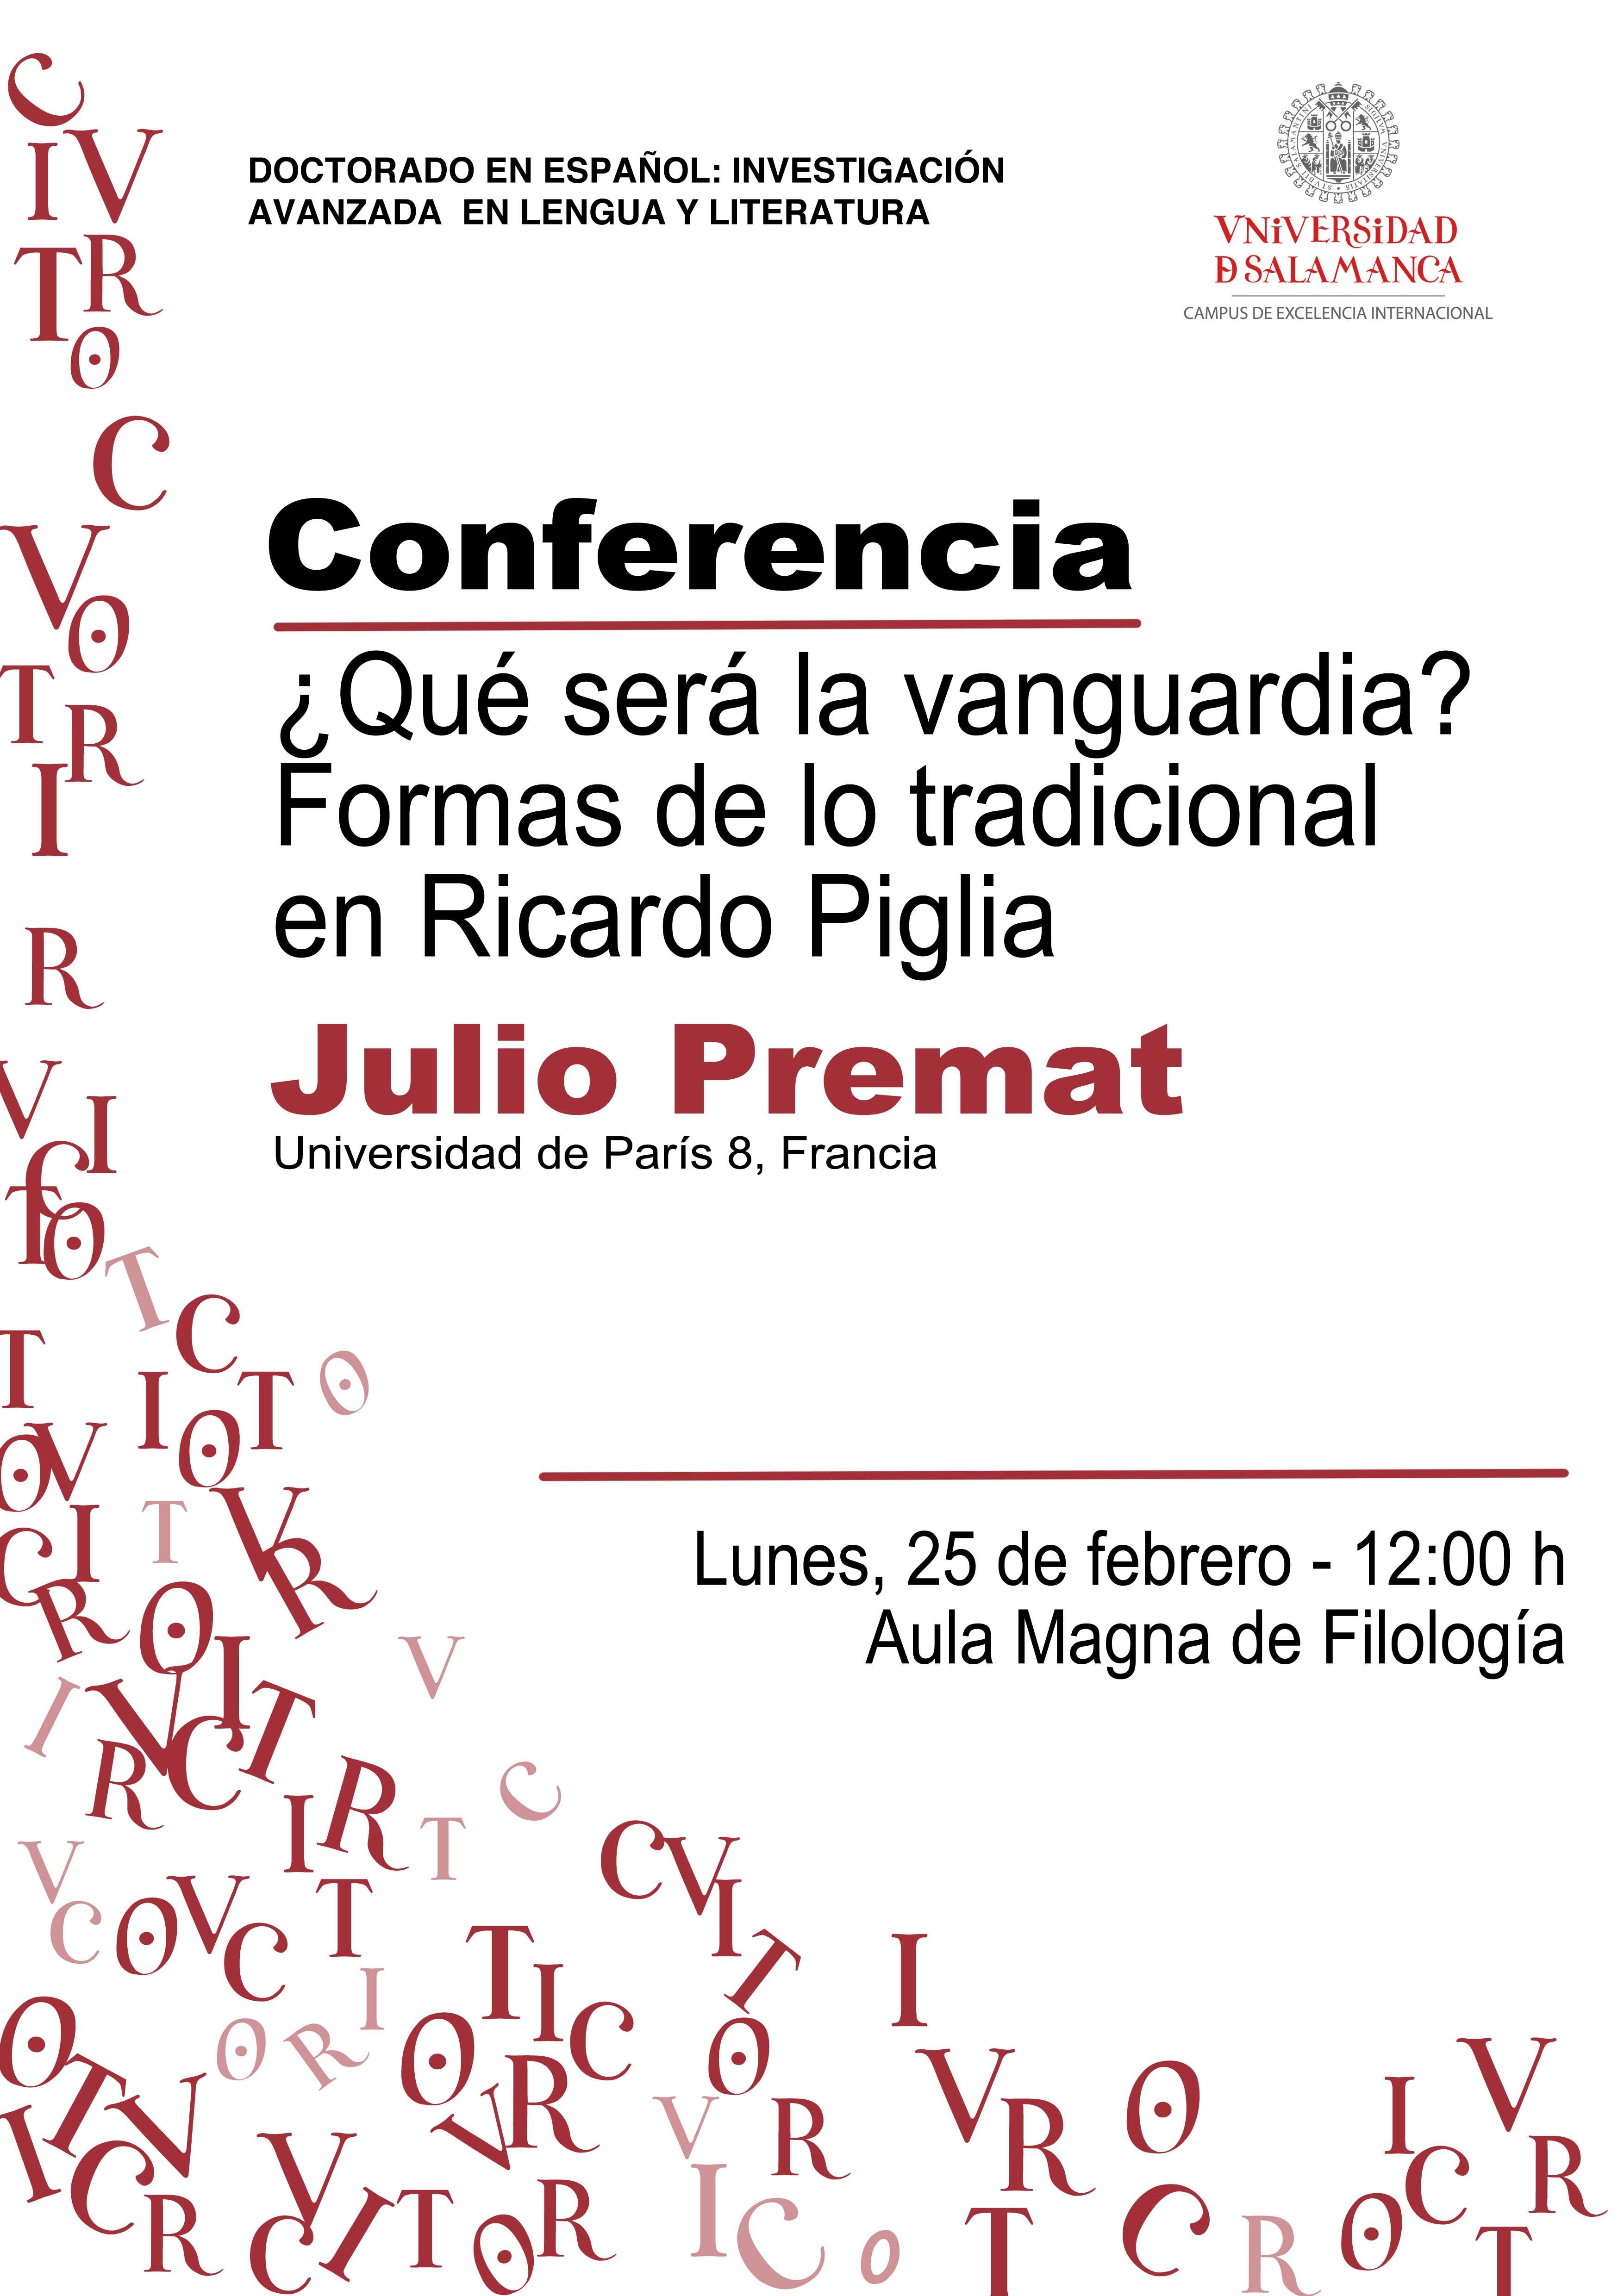 Conferencia de Julio Premat